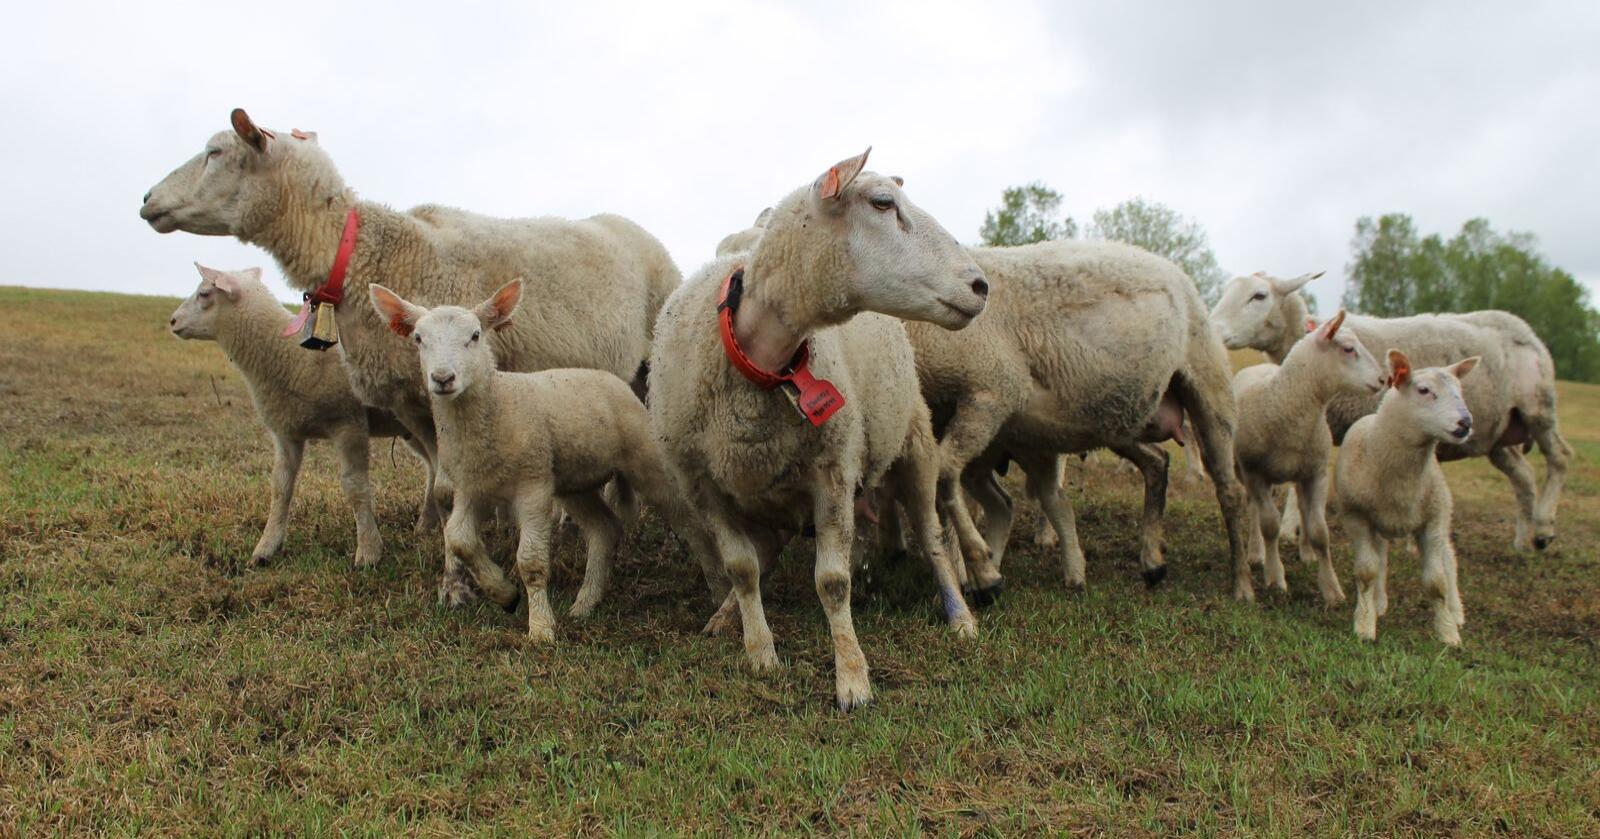 I 2019 var det færre tilfeller av alvorlig vanskjøtsel i norske husdyrhold. Fokus på psykisk helse og økt innsats for å avvikle kronisk dårlige dyrehold, kan ha bidratt til den positive utviklinga. Arkivfoto: Norsk Landbruk